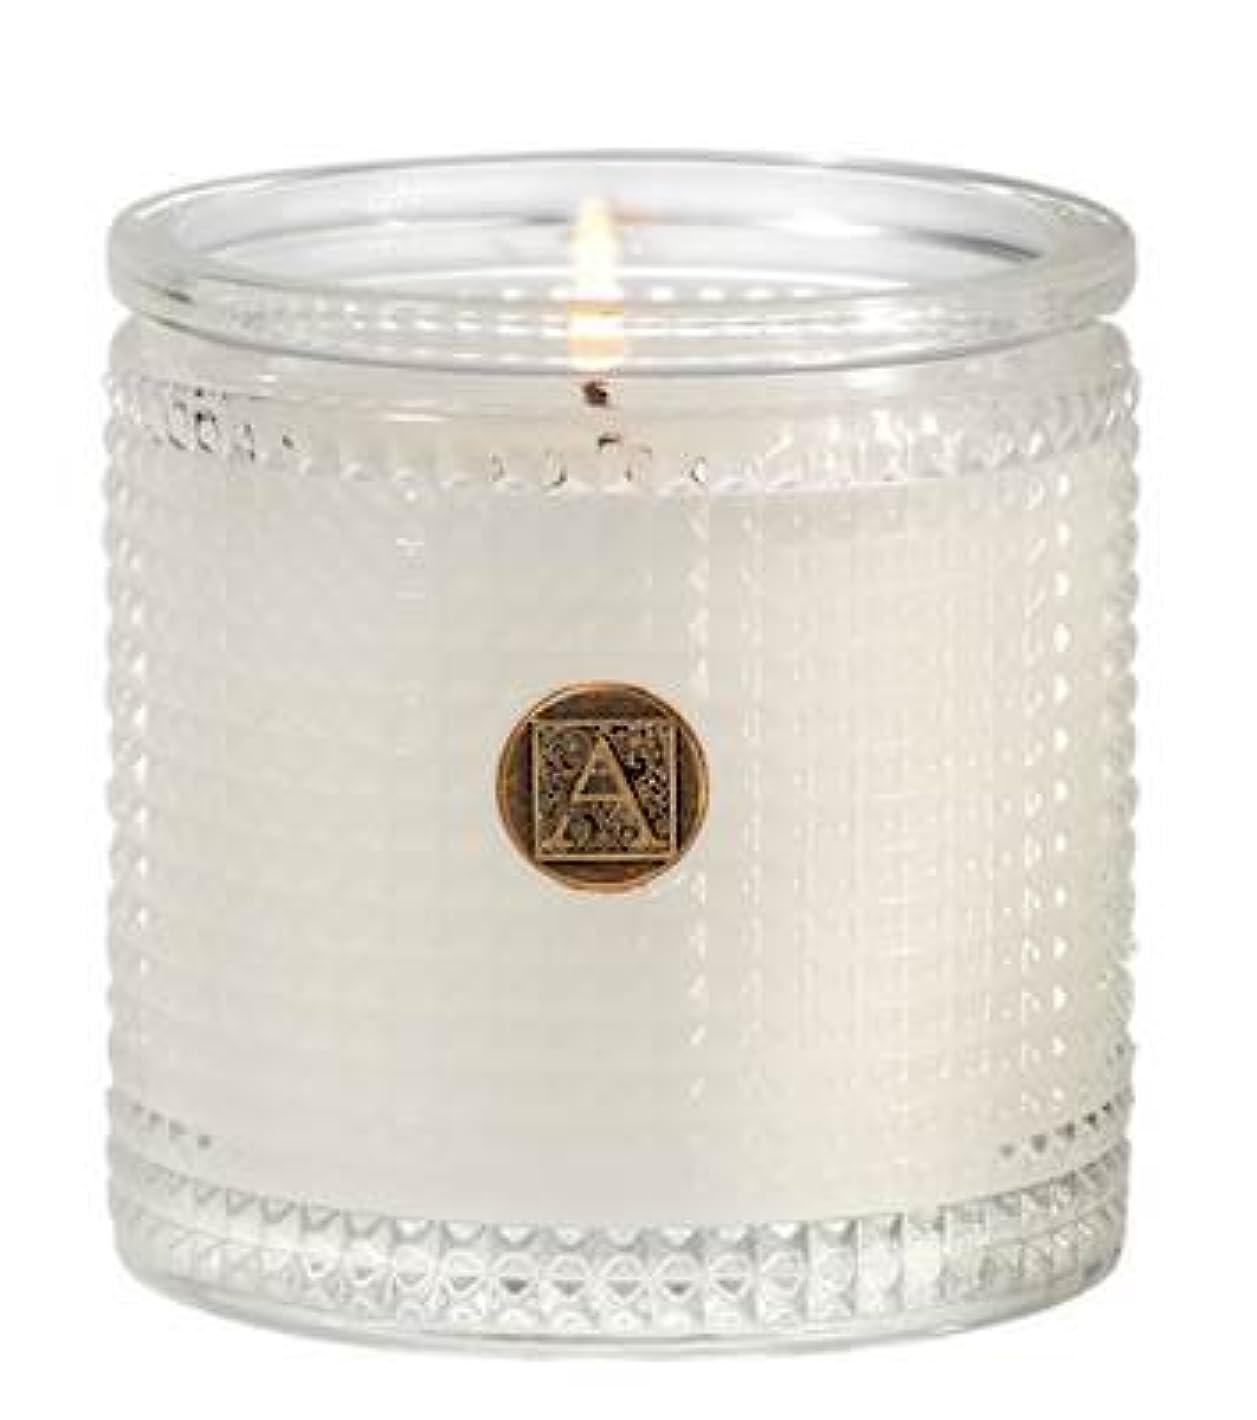 ねばねば群がるストライクAromatique BourbonベルガモットTexturedガラス香りつきJar Candle